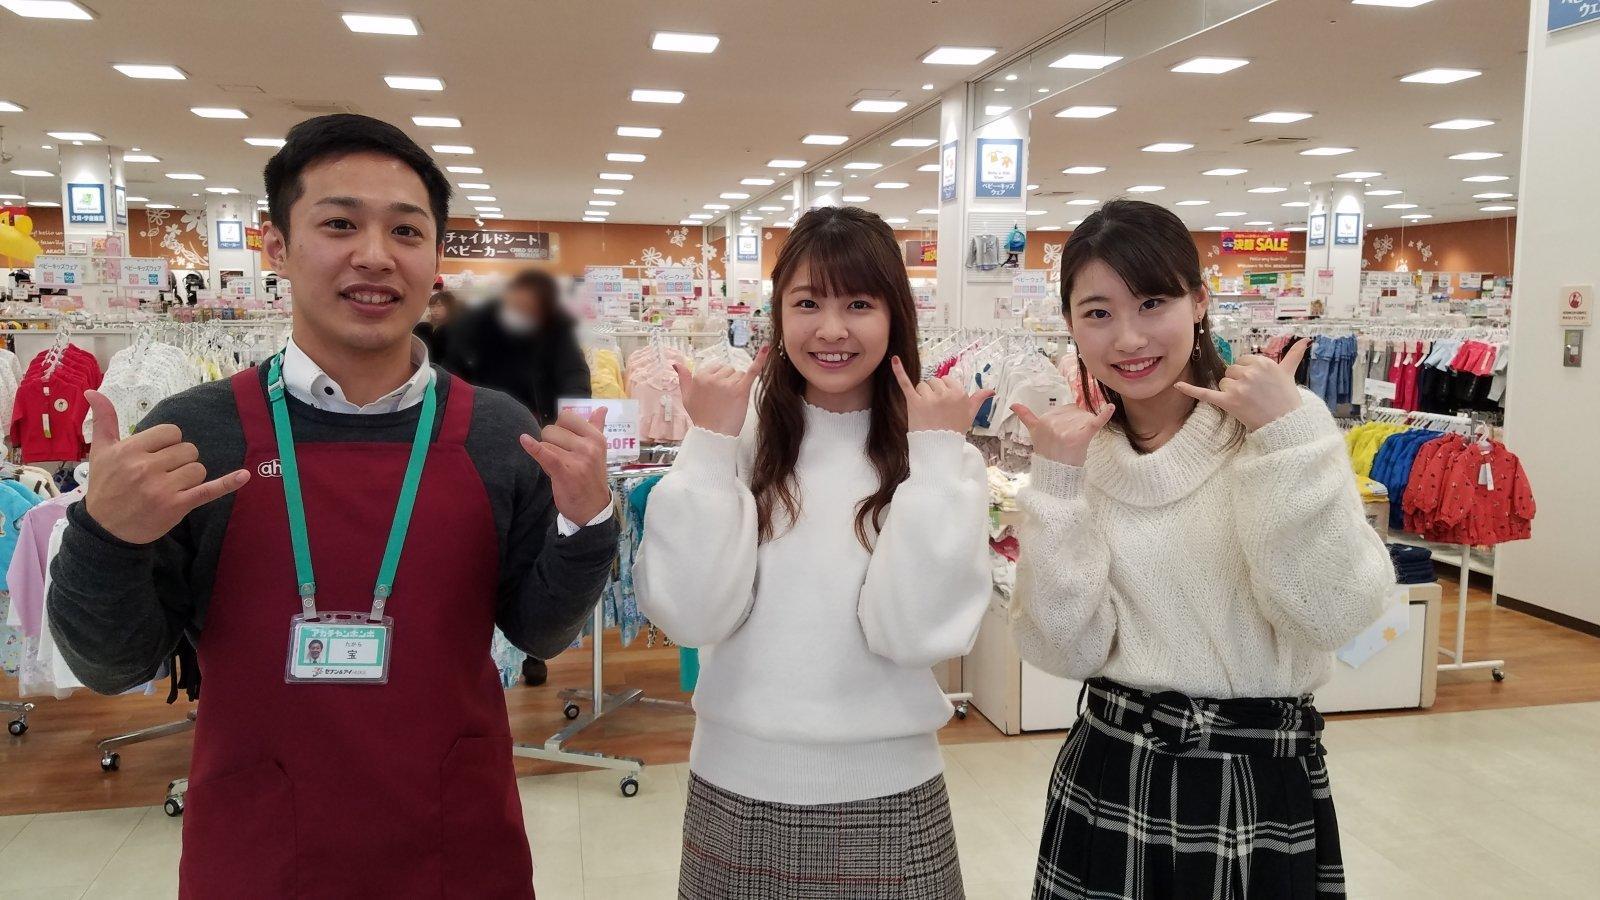 https://emifull.jp/emifulls_blog/11th/uploads/sUd_nhR_.jpg